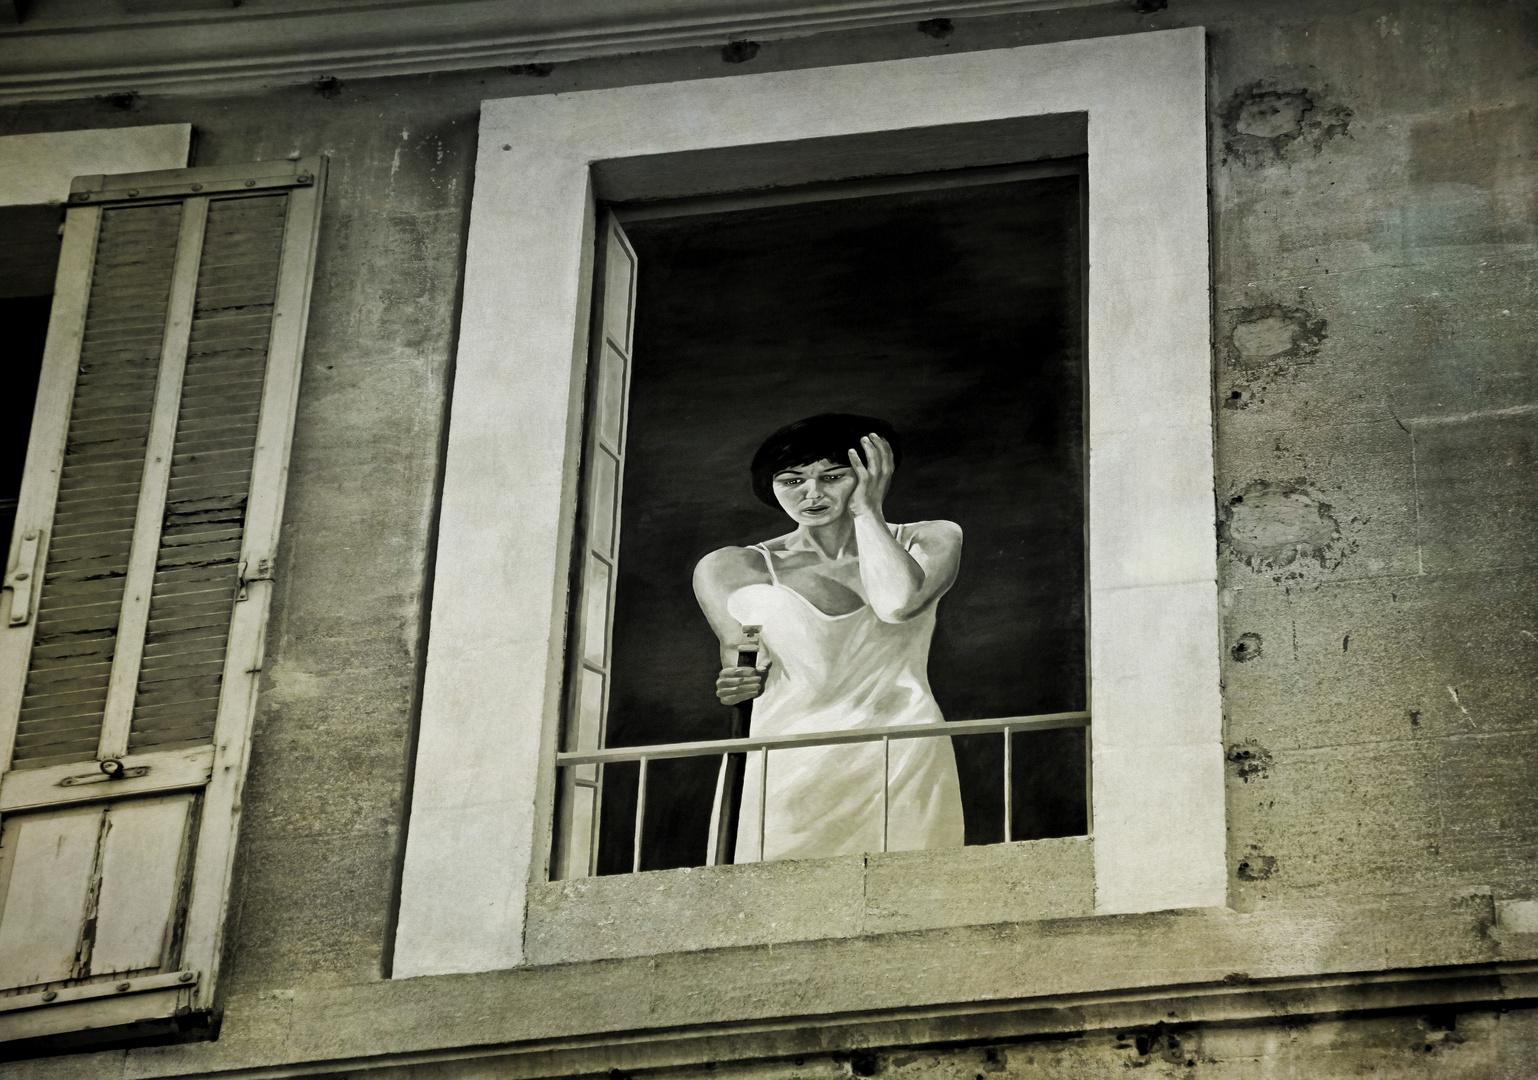 ...la ventana...